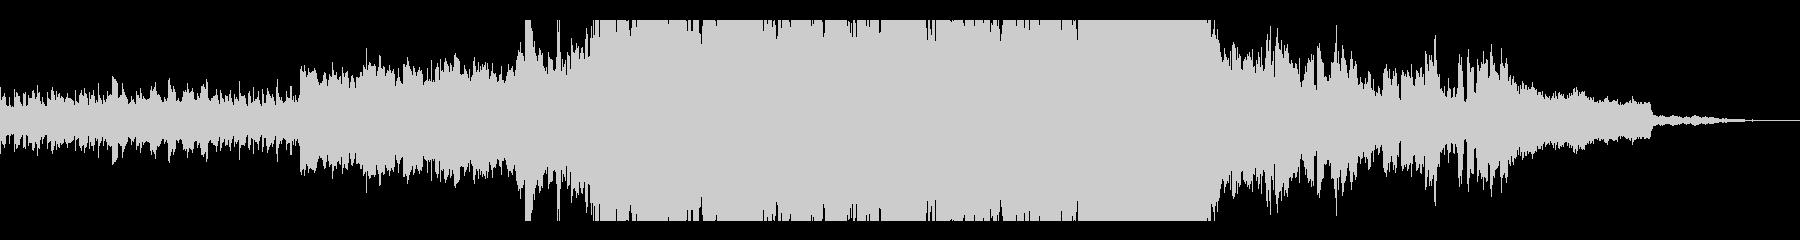 ポップロック レトロ 積極的 焦り...の未再生の波形